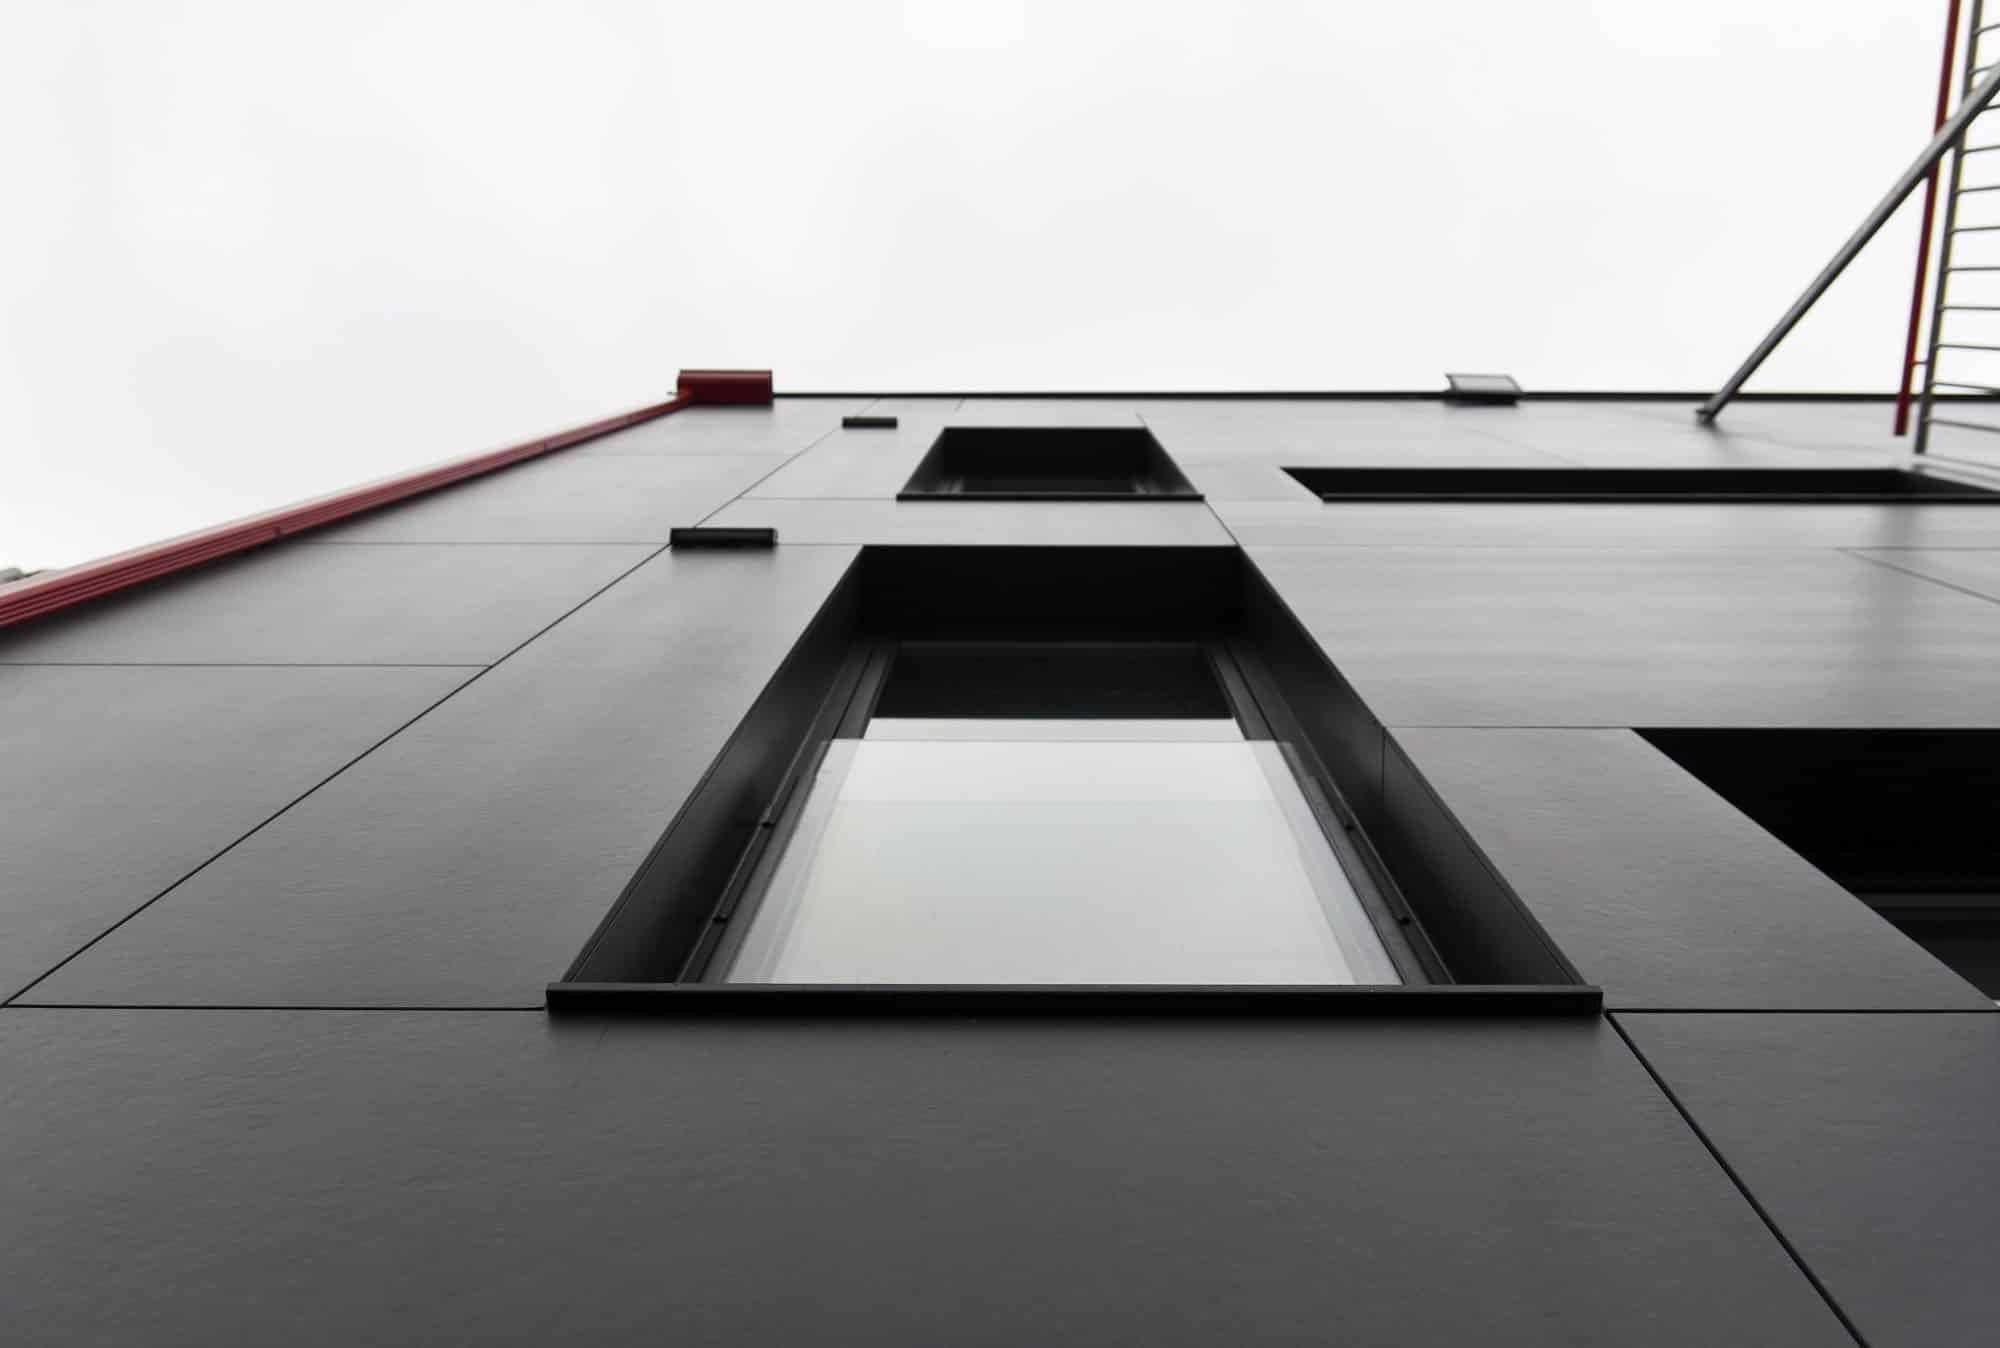 Arteixo Residential  - Arteixo Dekton facade 8 40